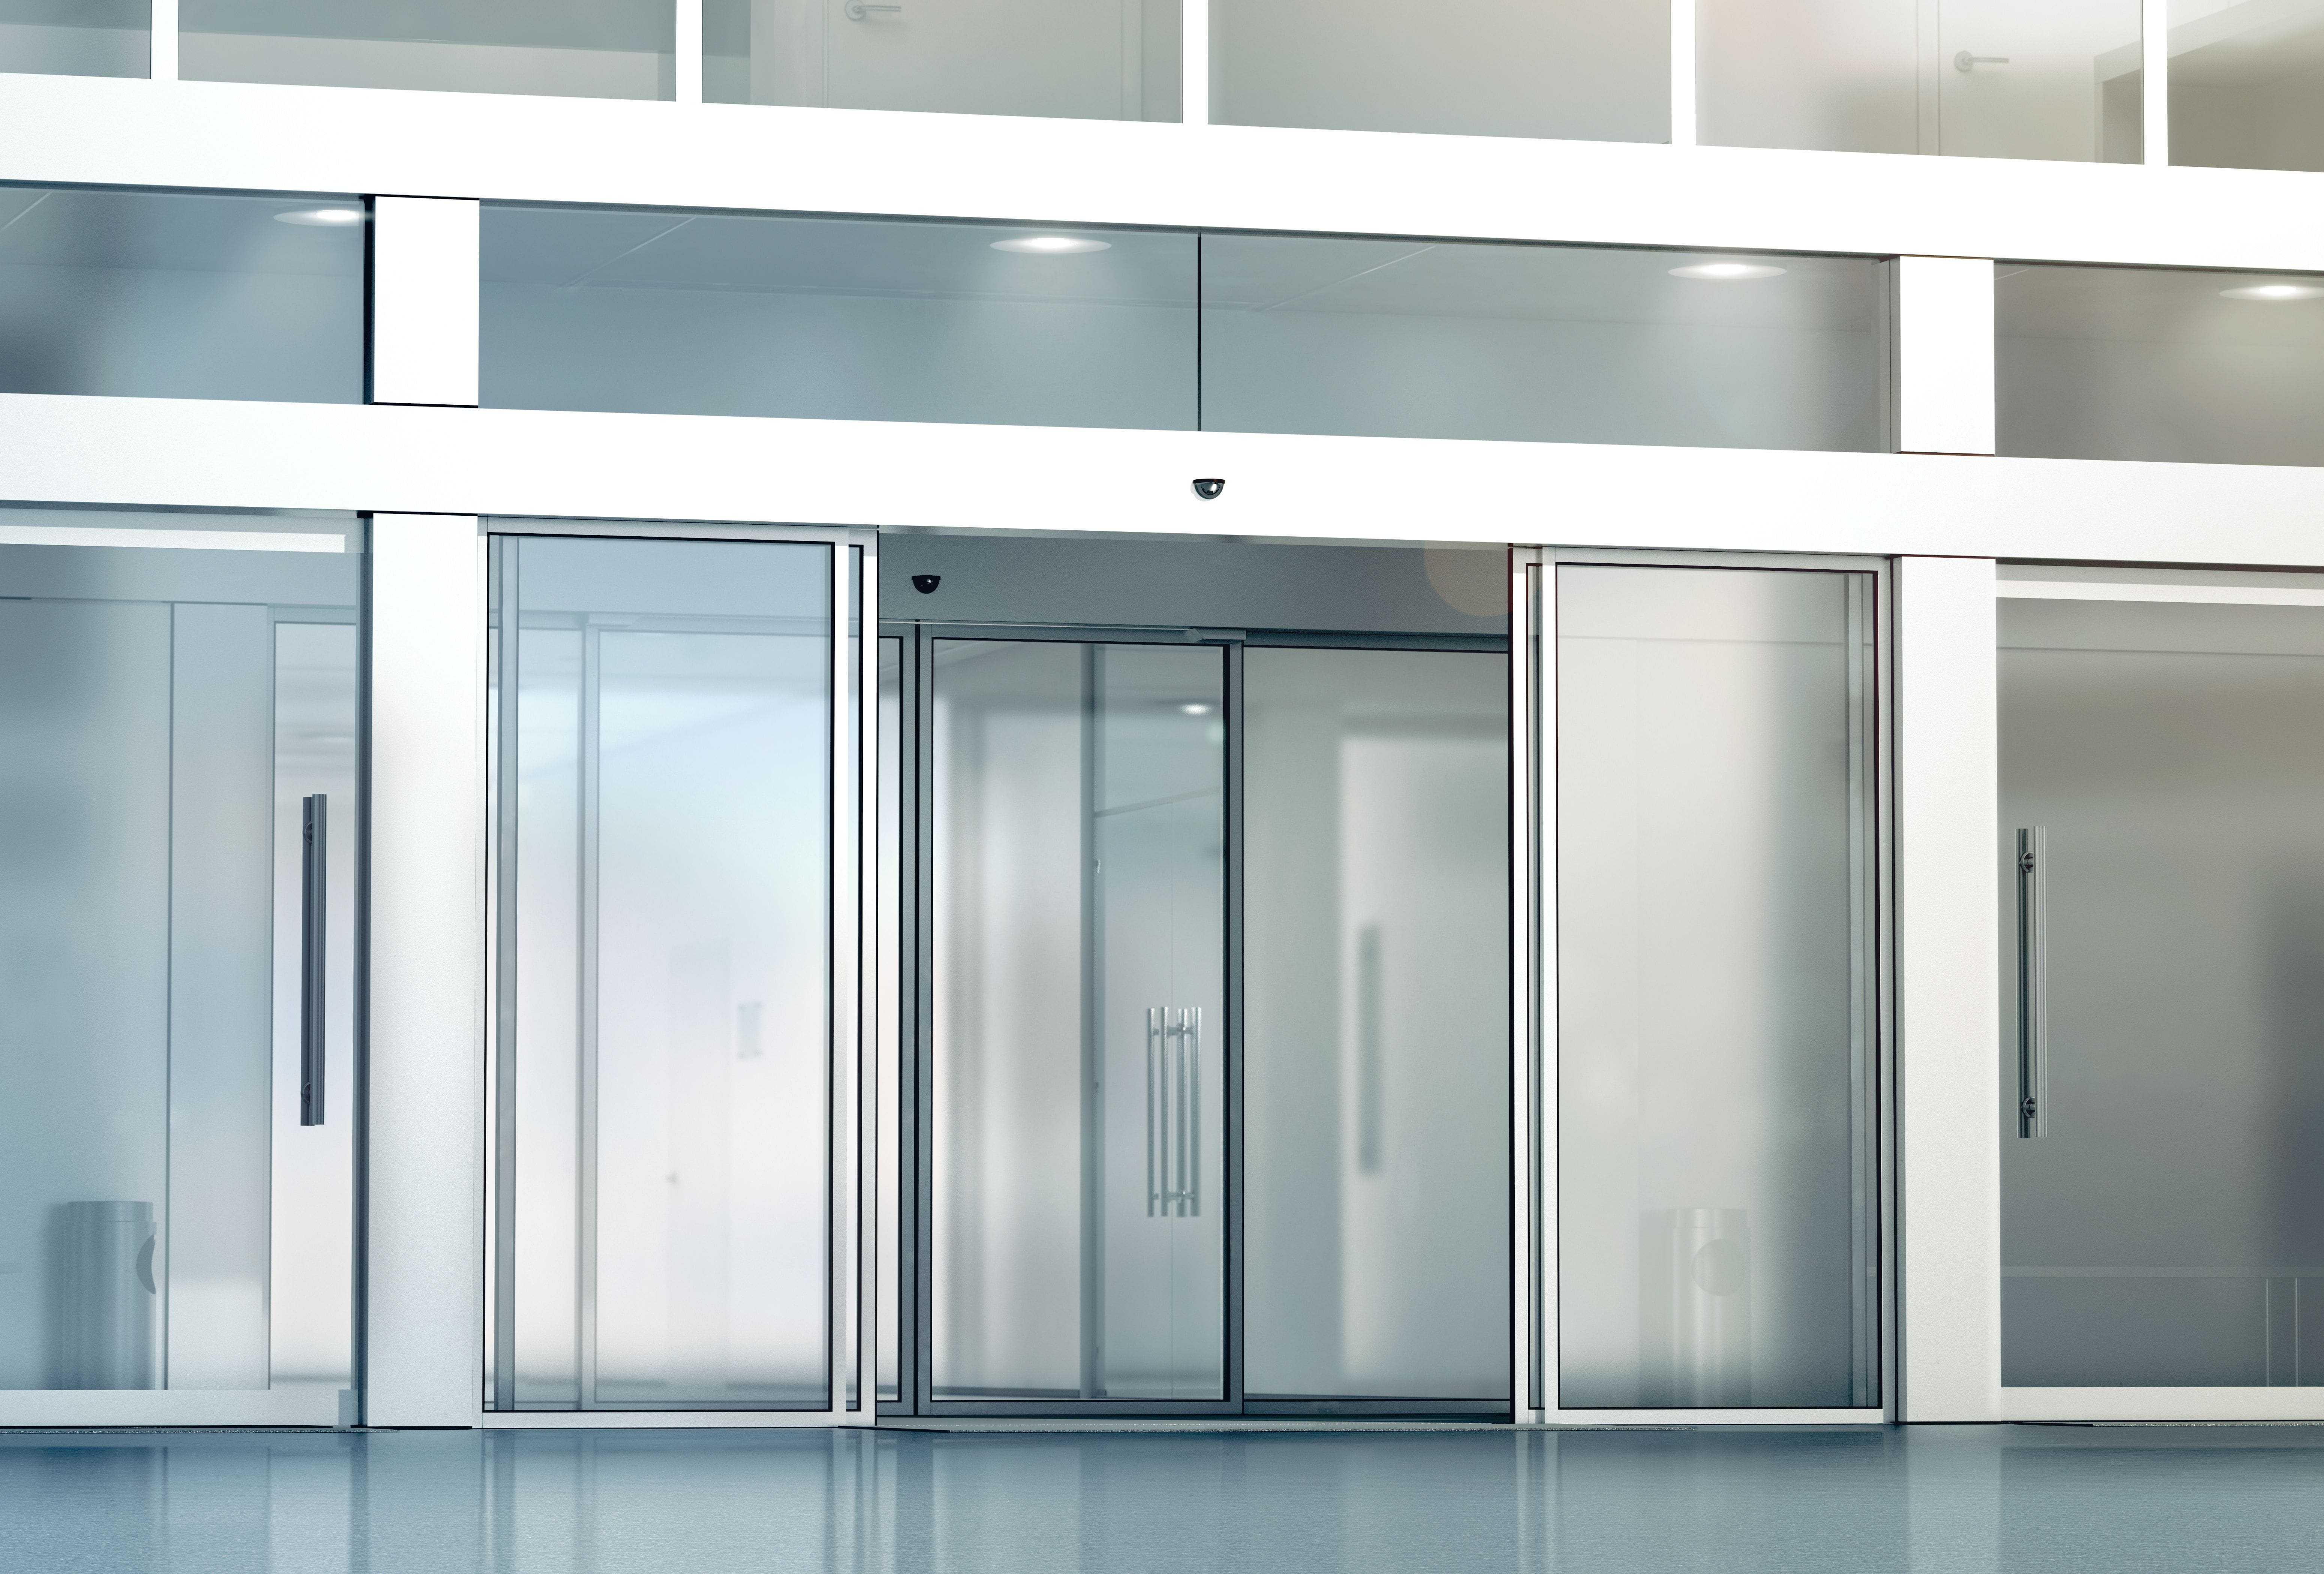 glass automatic pedestrian doors